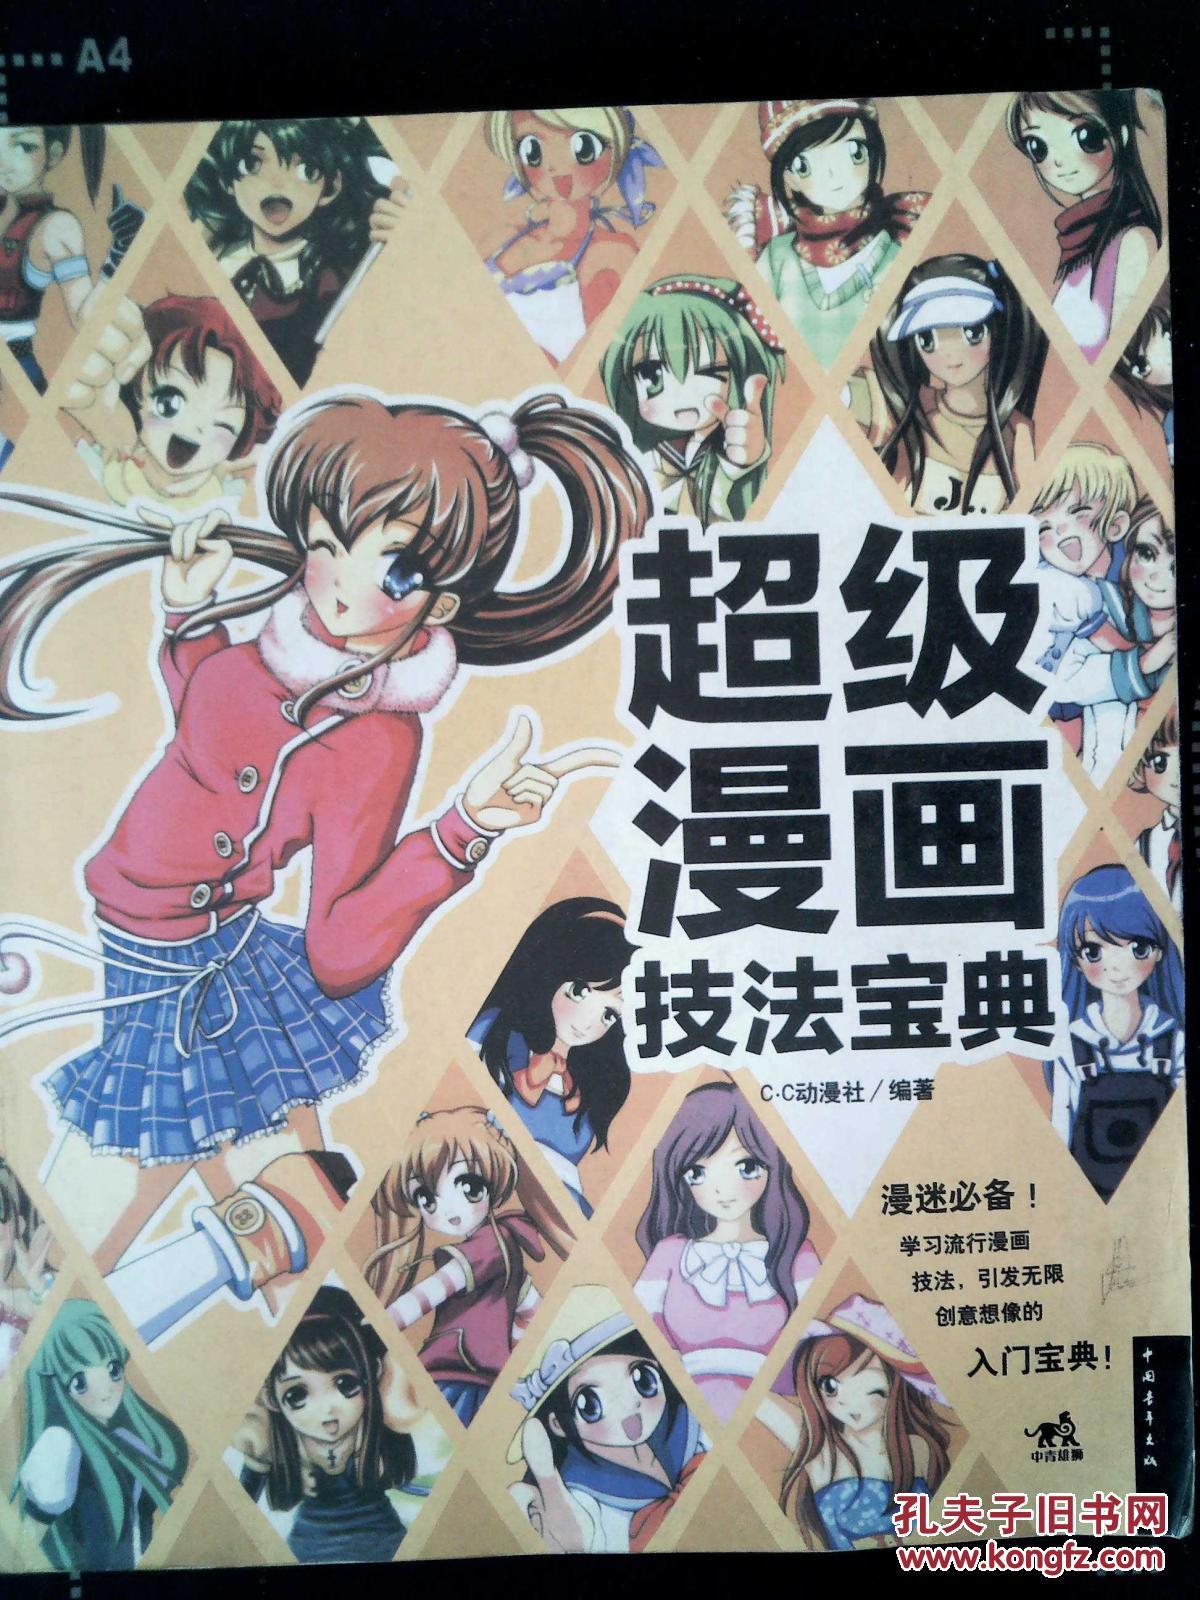 【图】超级漫画技法桃子_中国青年出版社_孔漫画赵宝典图片